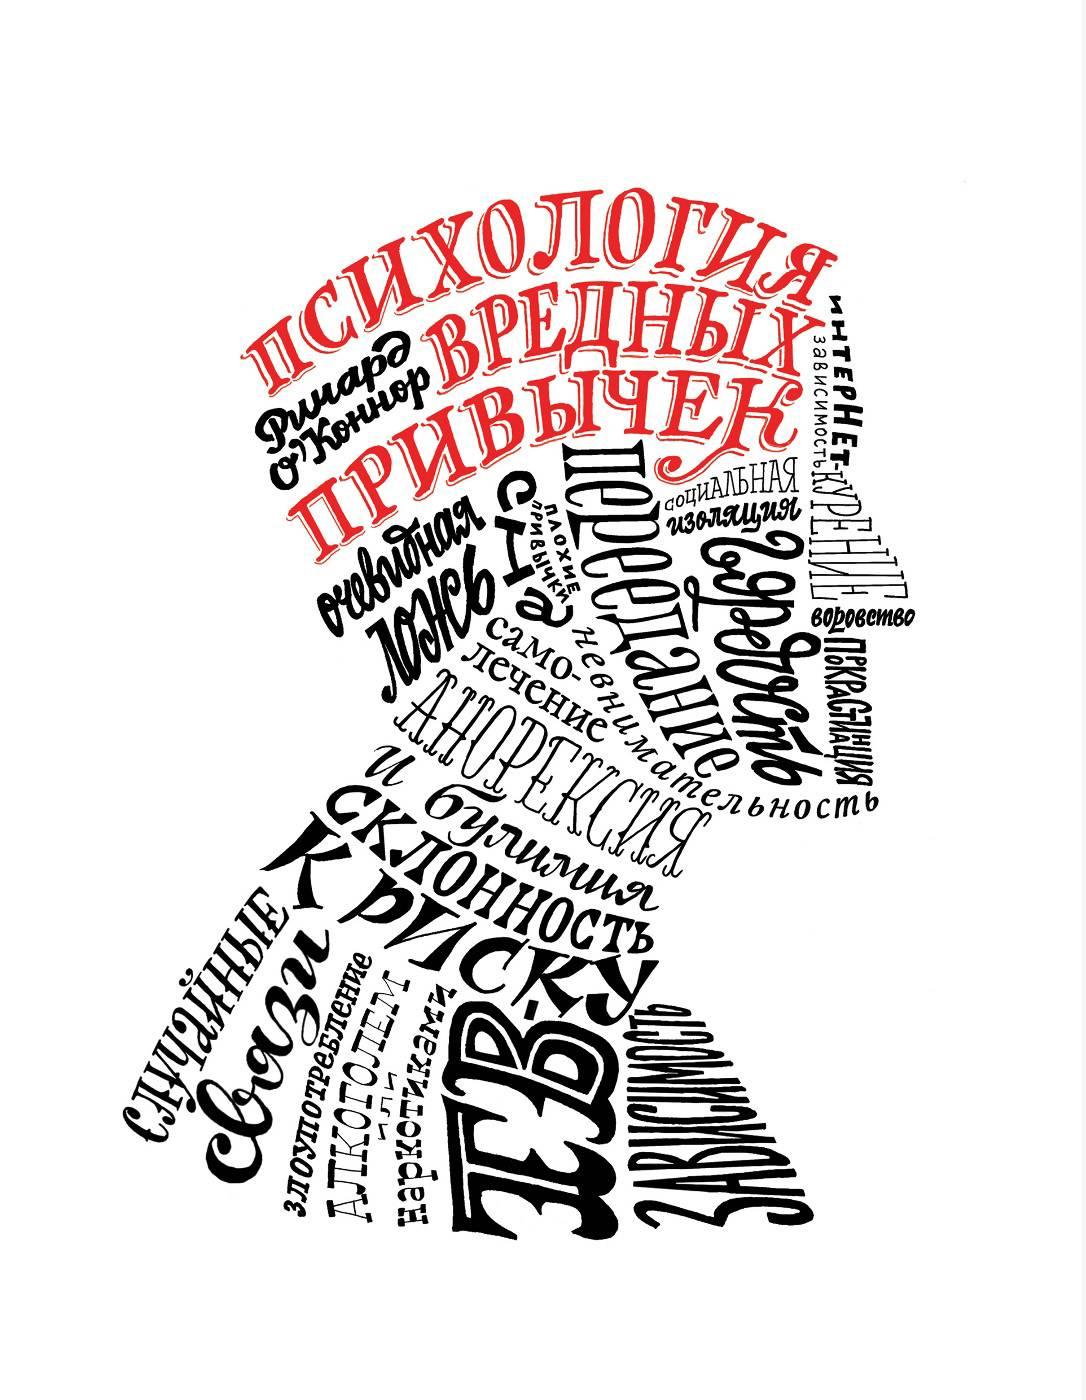 Психология: вредные привычки в стихах - бесплатные статьи по психологии в доме солнца